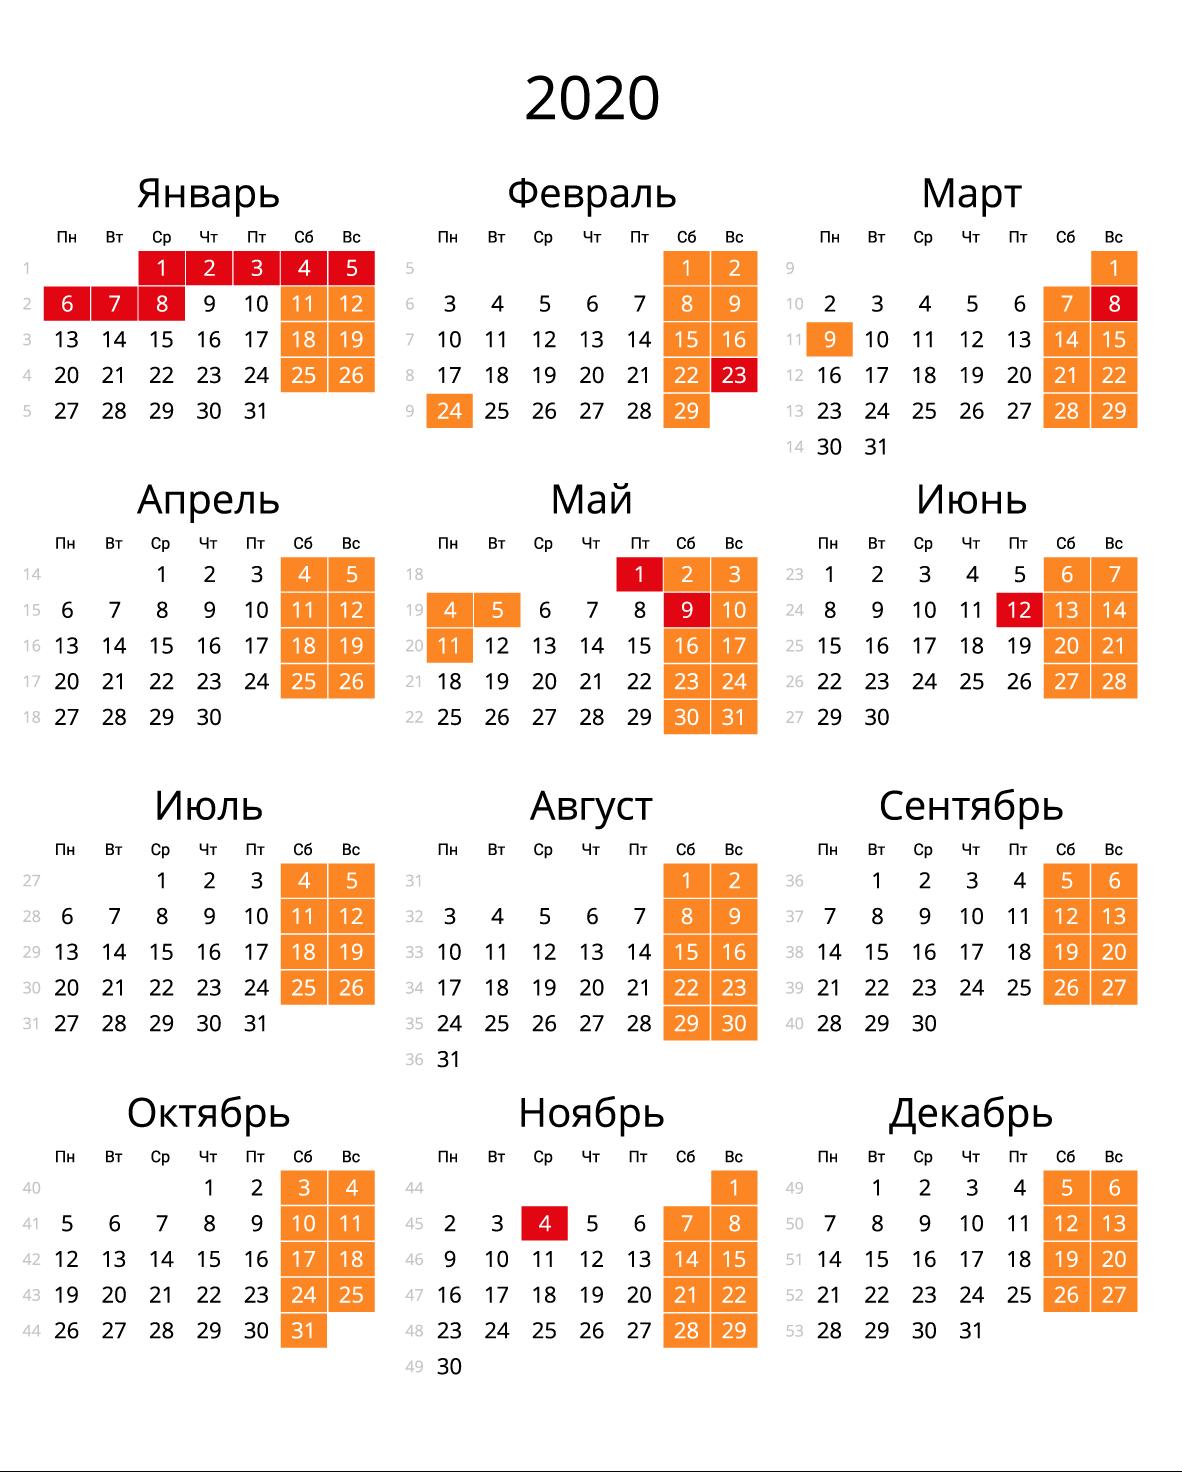 Скачать Календарь На 2020 Год В Форматах: Word, Pdf, Jpg